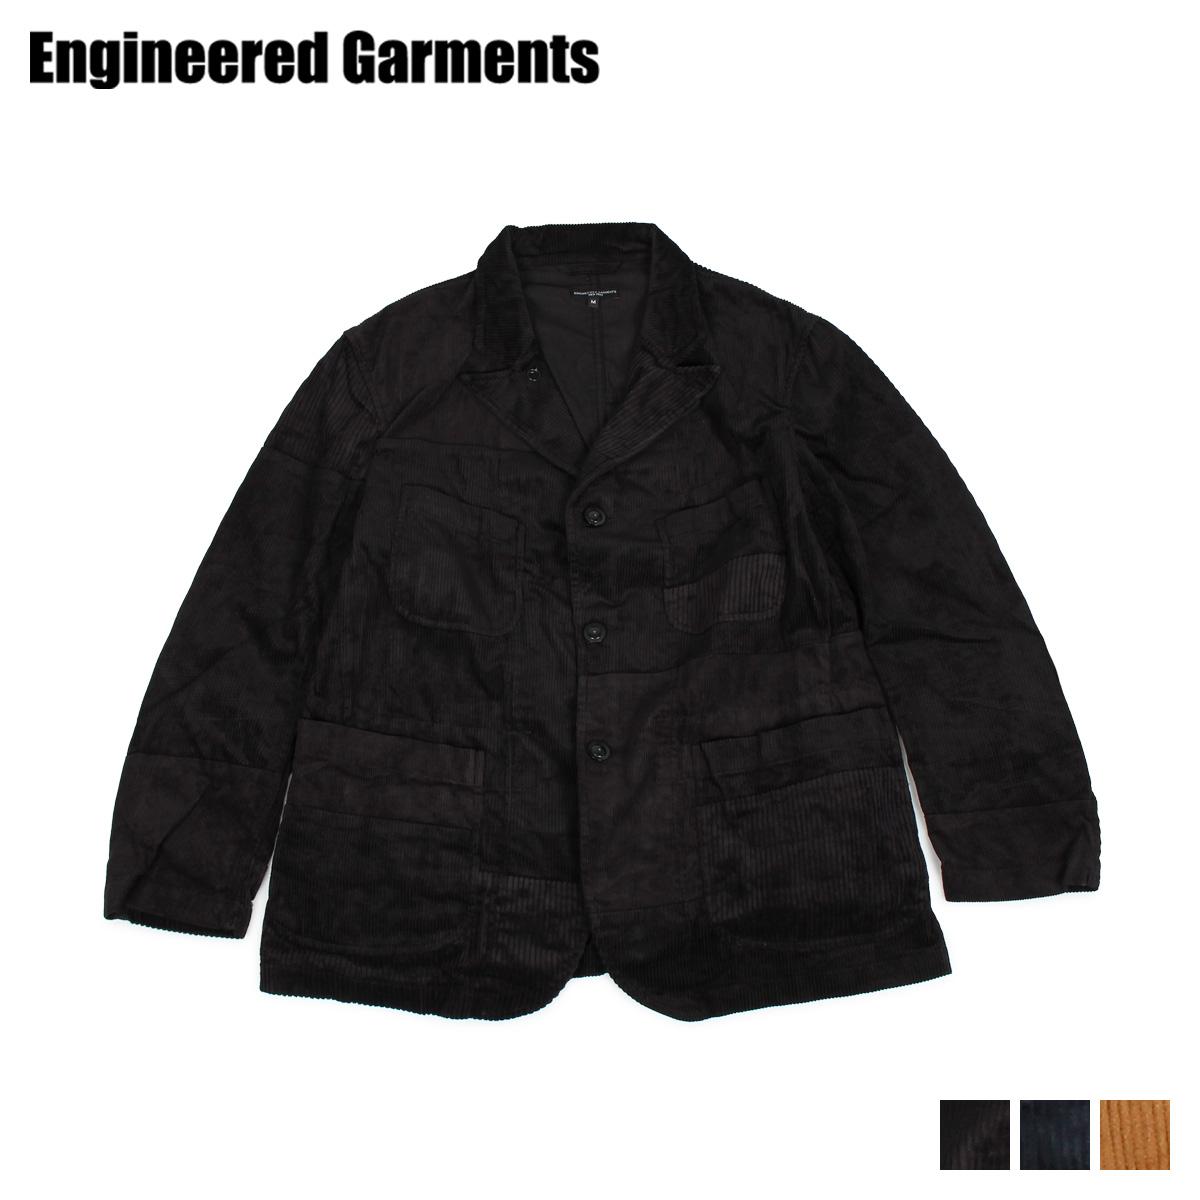 【最大600円OFFクーポン】 ENGINEERED GARMENTS BEDFORD JACKET エンジニアドガーメンツ ジャケット ベッドフォードジャケット メンズ ブラック ネイビー ブラウン 黒 19FD005